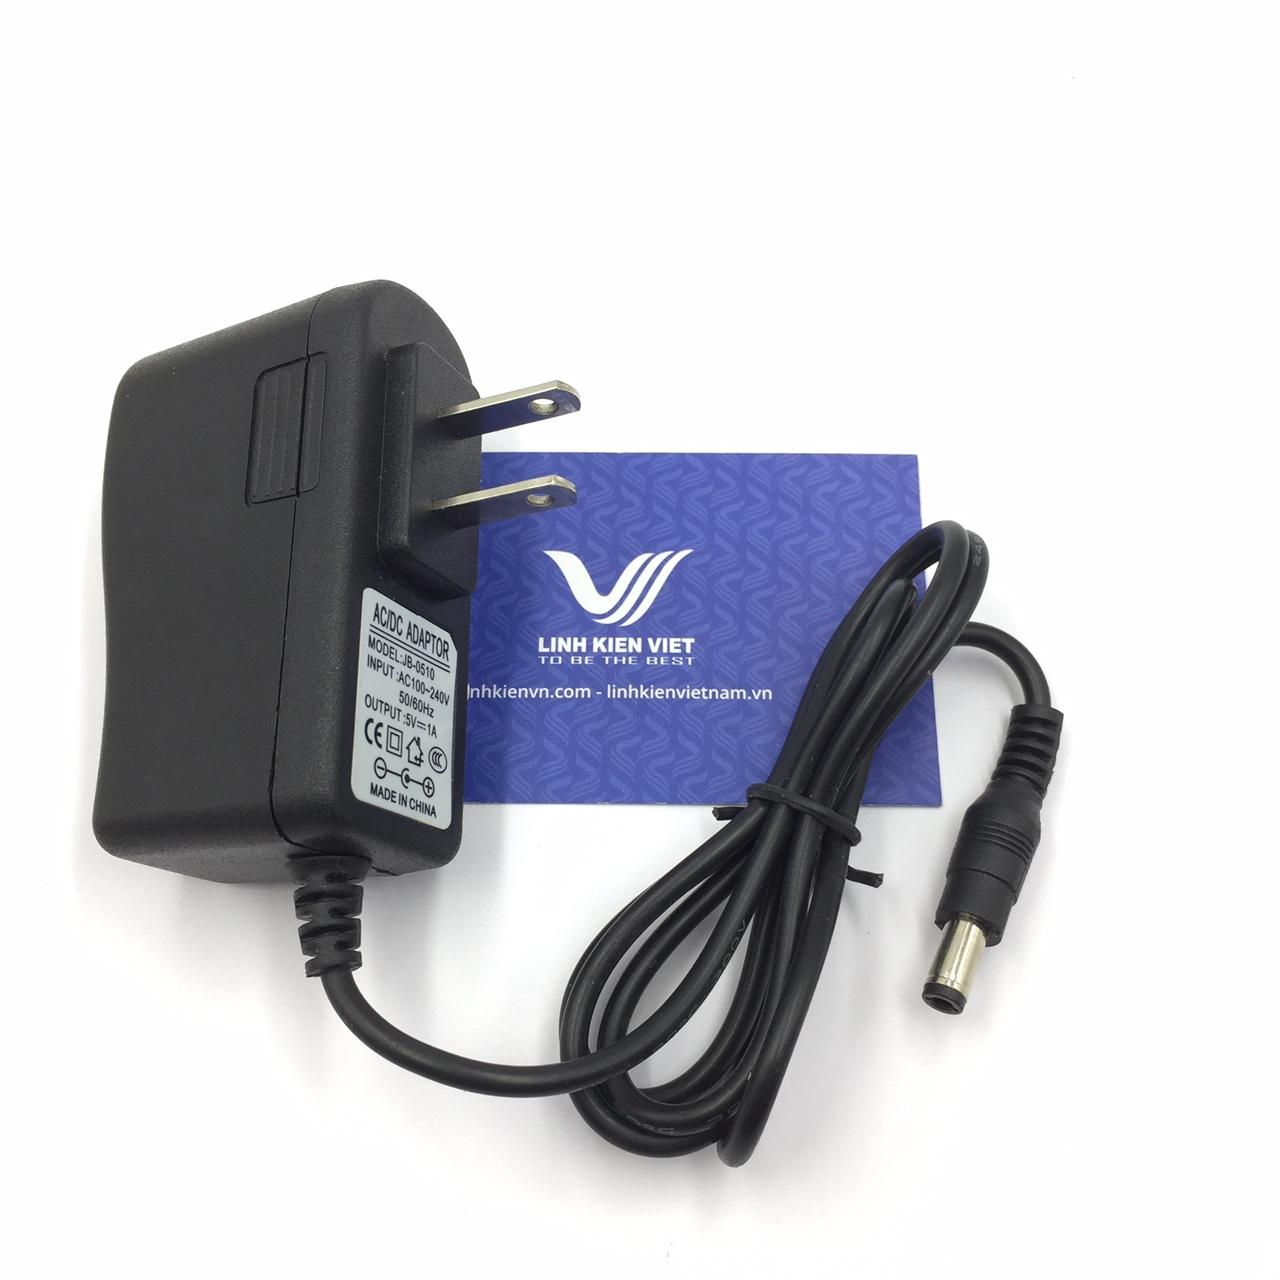 Nguồn adapter 5V 1A 5V1A - KHO B (KA6H3)